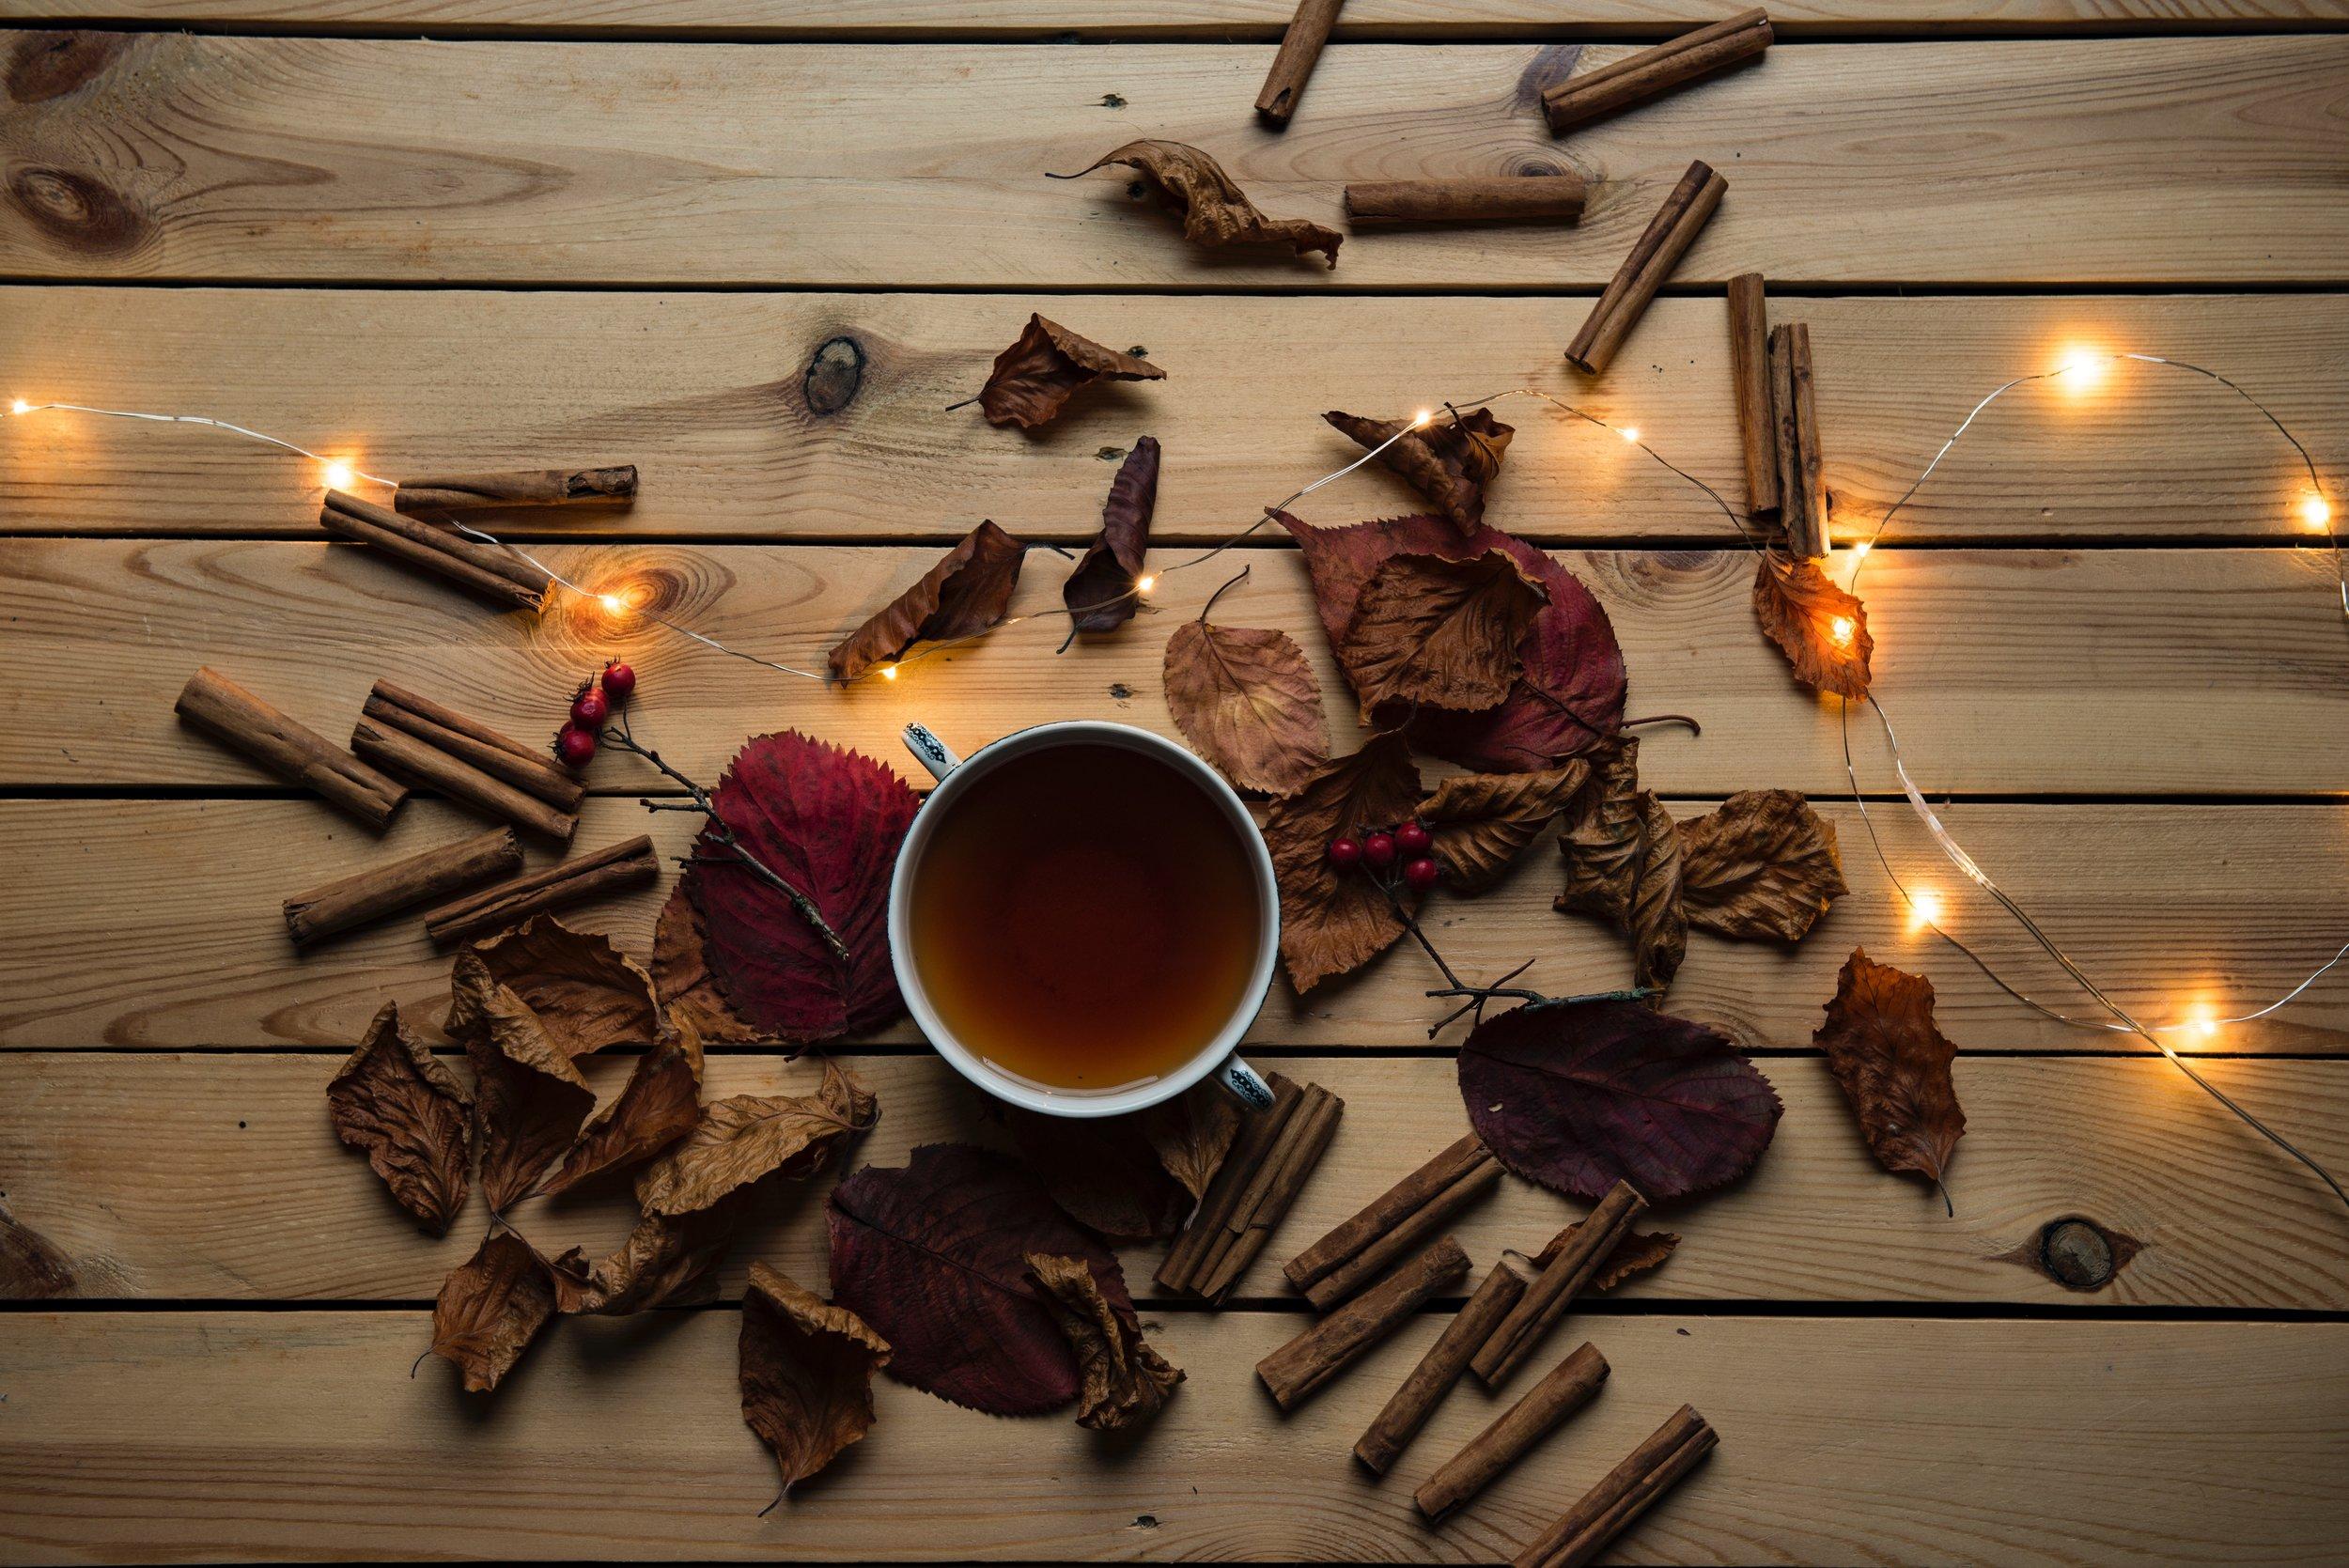 Cinnamon sticks, leaves, and twinkle lights surround a mug of something that looks like apple cider